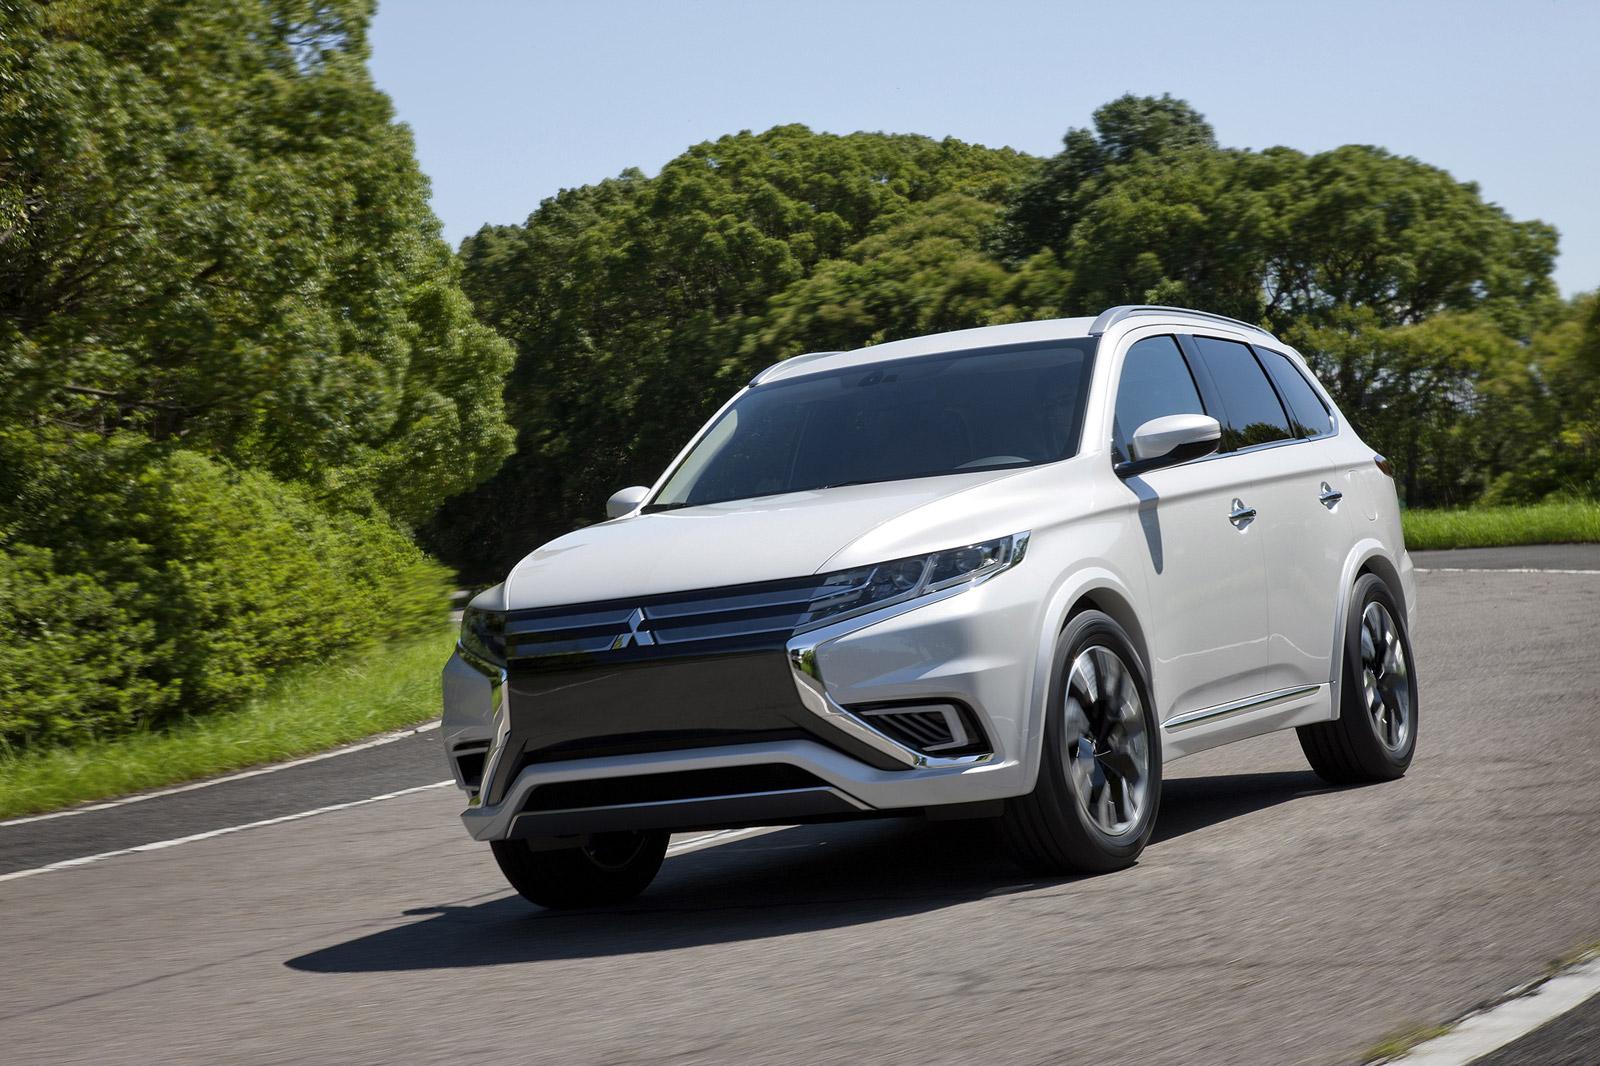 autoguide outlander consumer mitsubishi news review com manufacturer se